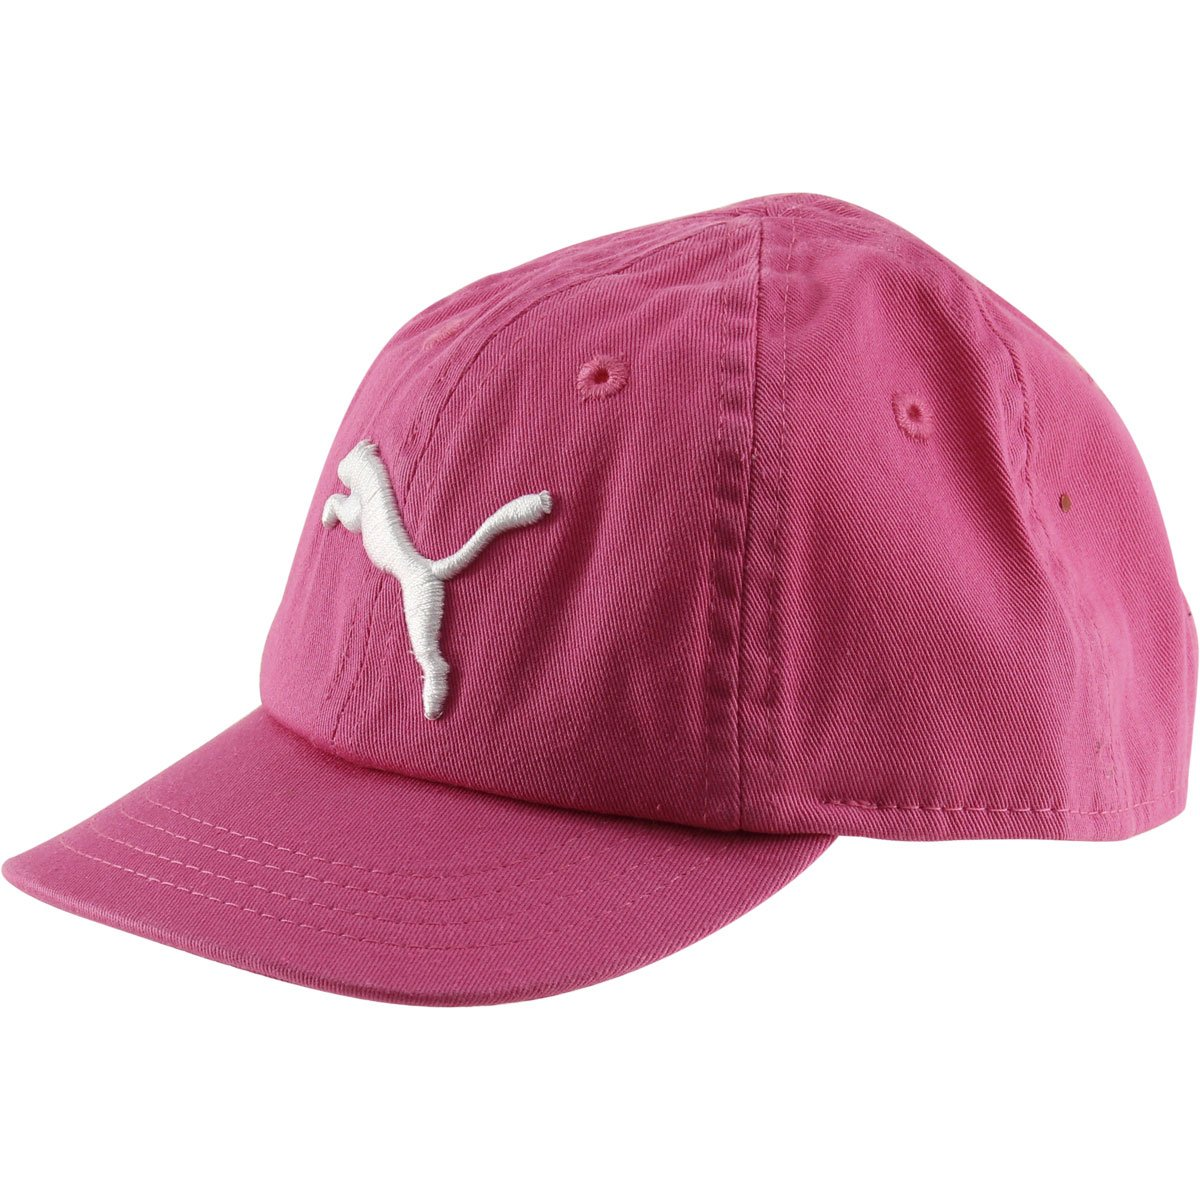 Puma Girls ''Evercat Podium'' Baseball Cap - pink/white, Adjustable (Infant)